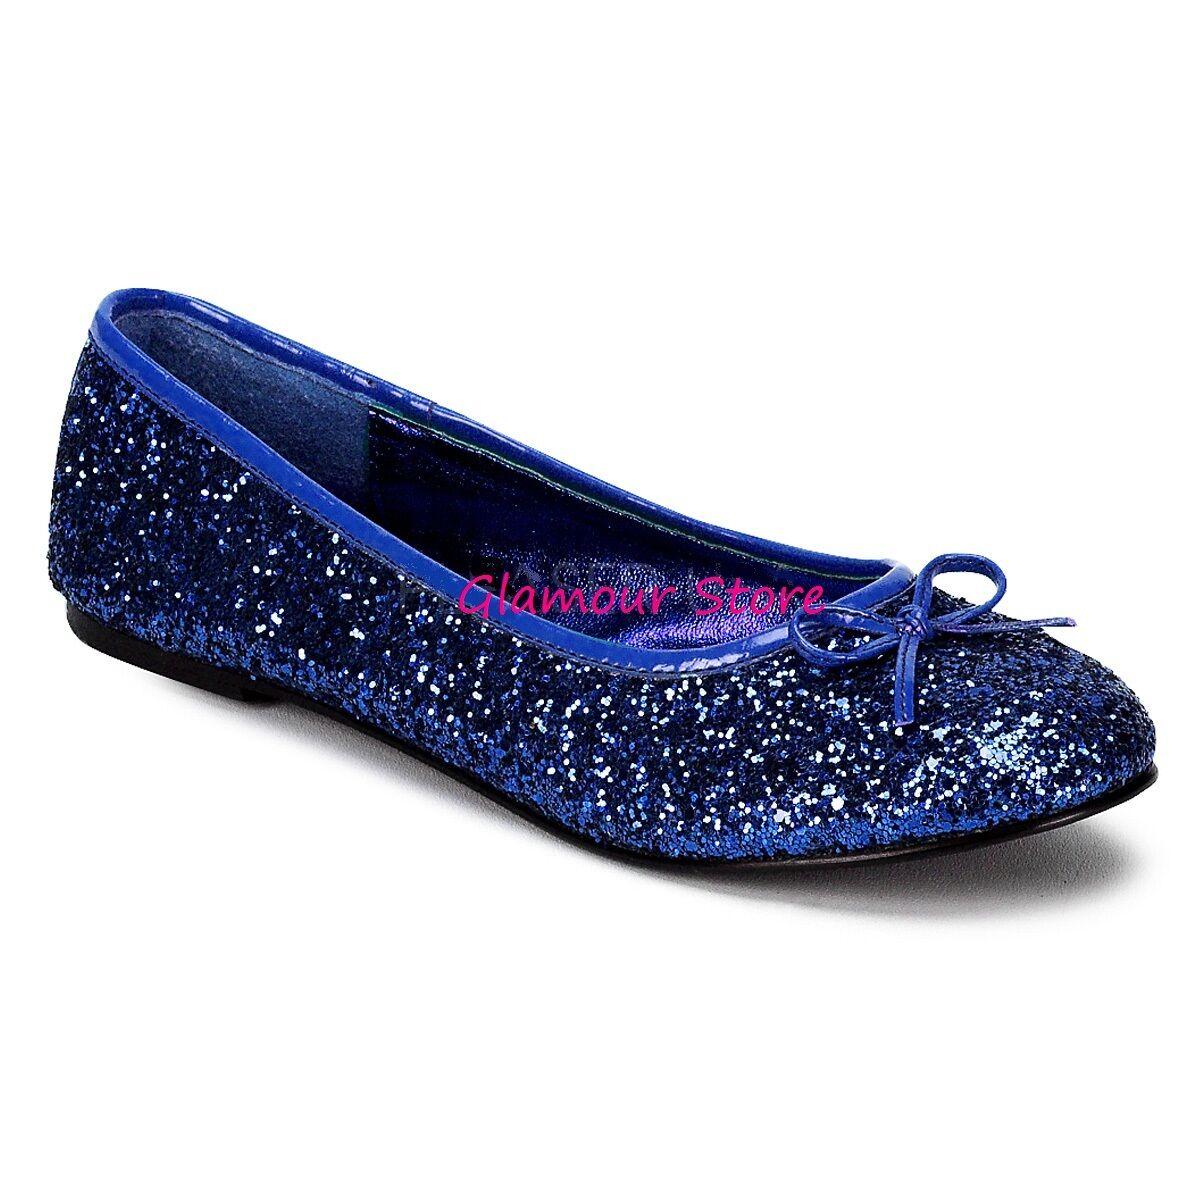 Sexy BALLERINE GLITTER tacco flat dal fiocchetto 35 al 42 BLU fiocchetto dal scarpe GLAMOUR e906b6